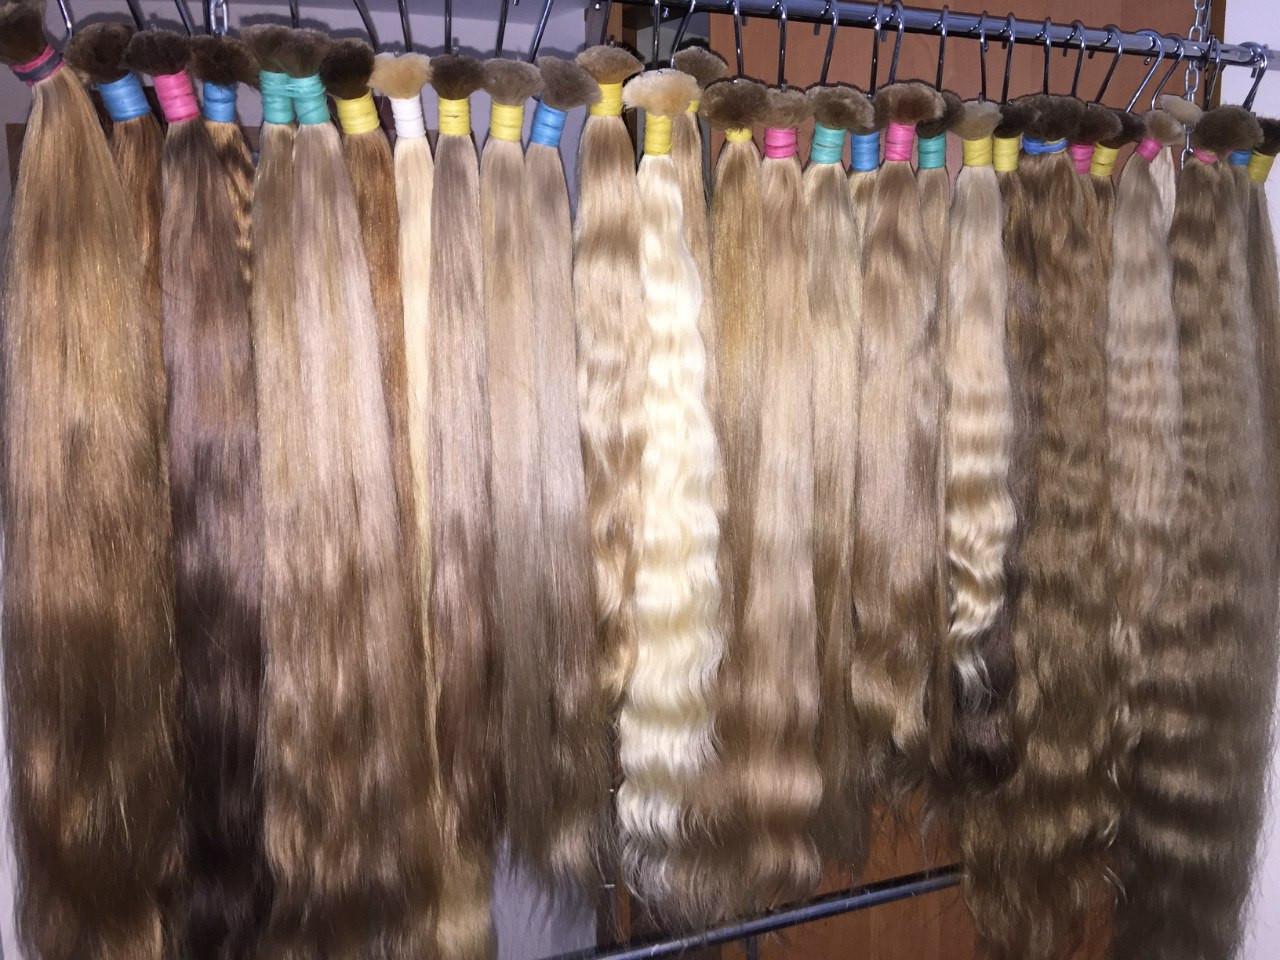 ПРОДАЖА СЛАВЯНСКИХ ВОЛОС УКРАИНА. Продаем волосы, парики , тресса  МЫ ПРОИЗВОДИТЕЛИ - Гипермаркет Волос в Днепре